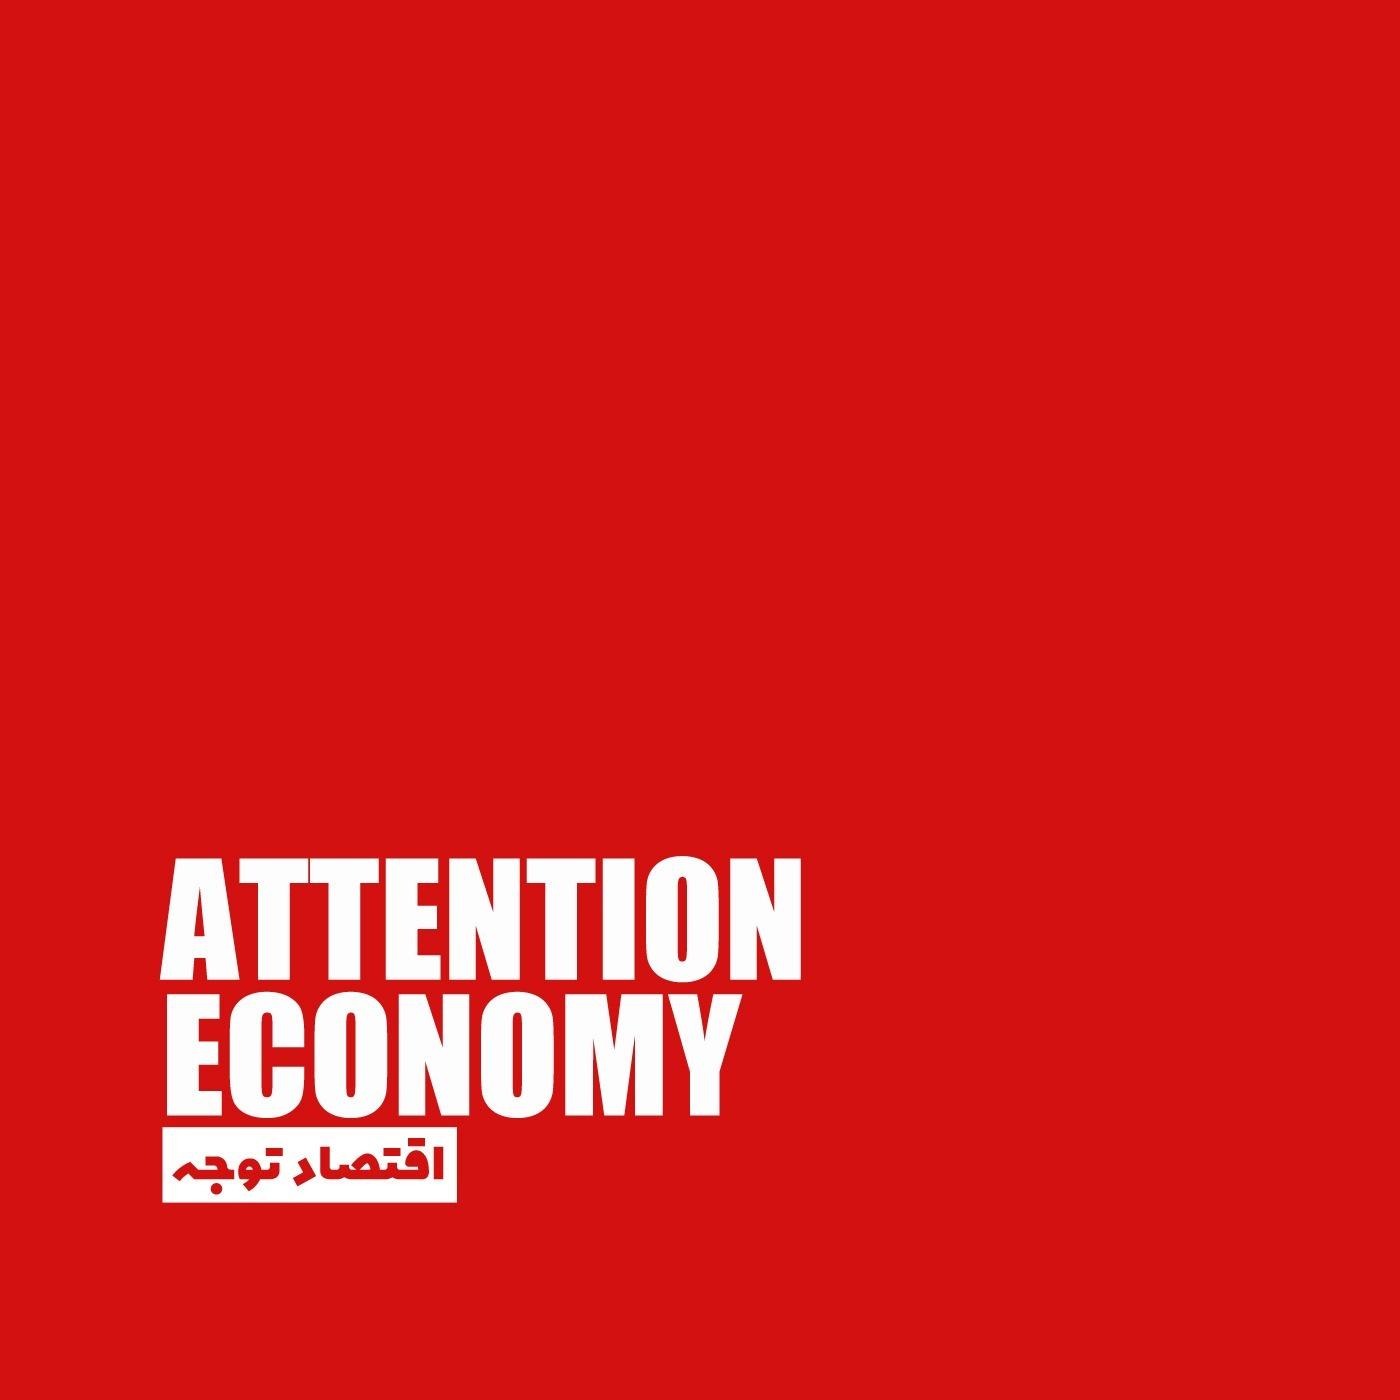 اقتصاد توجه